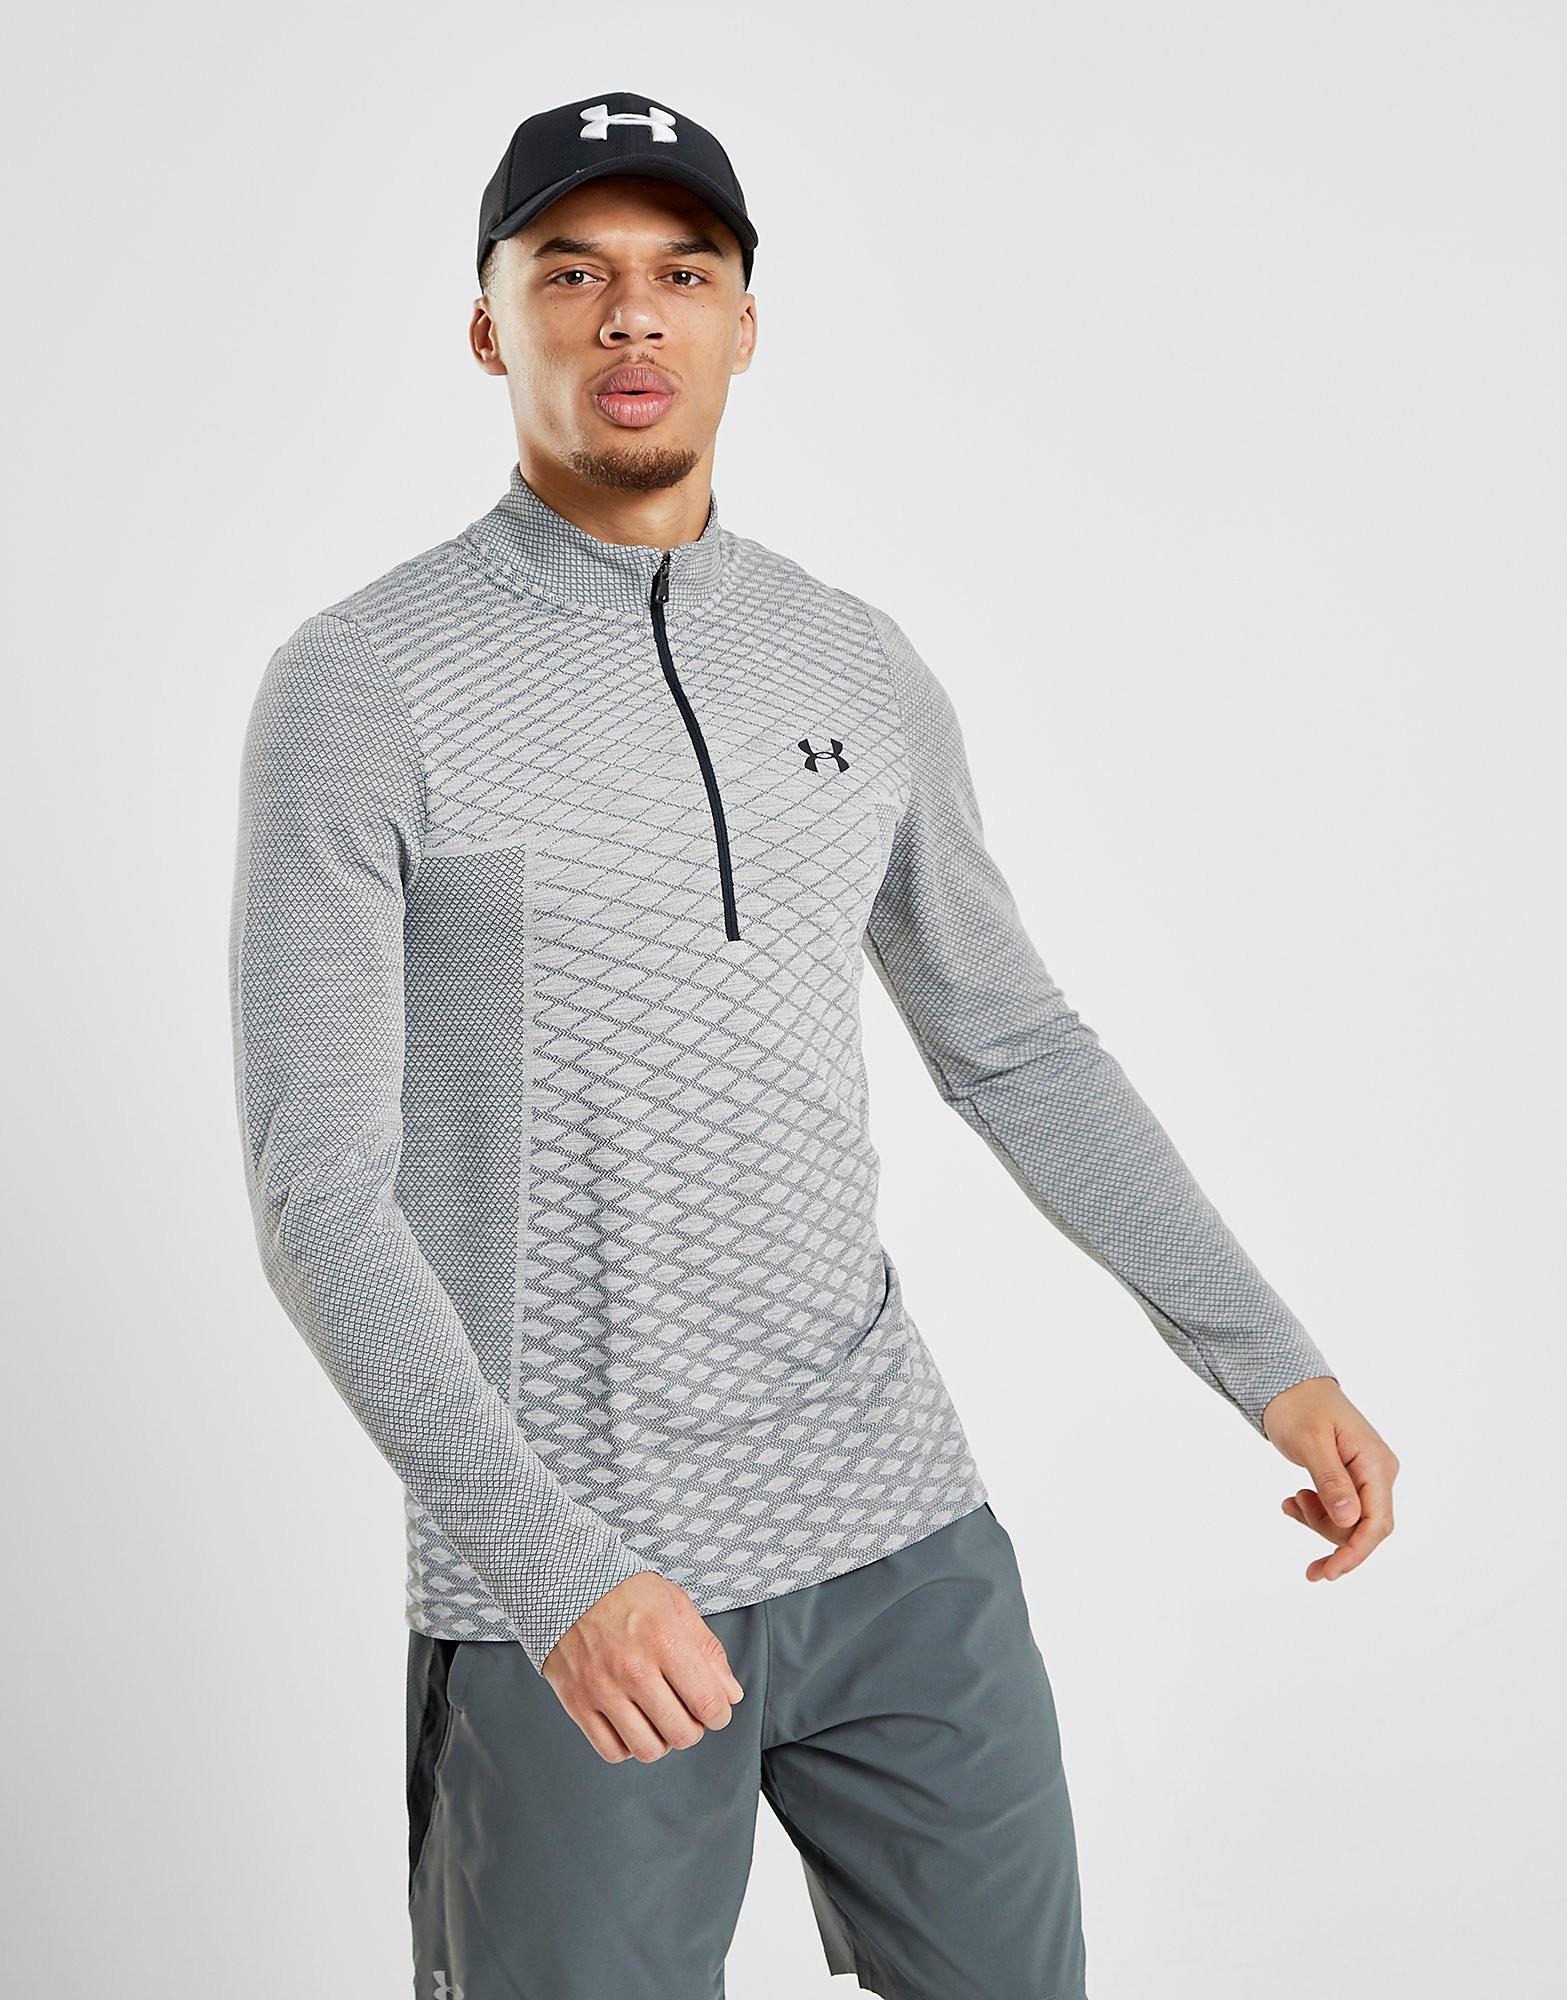 Under Armour Vanish 1/4 Zip Novelty Sweatshirt Heren - Grijs - Heren